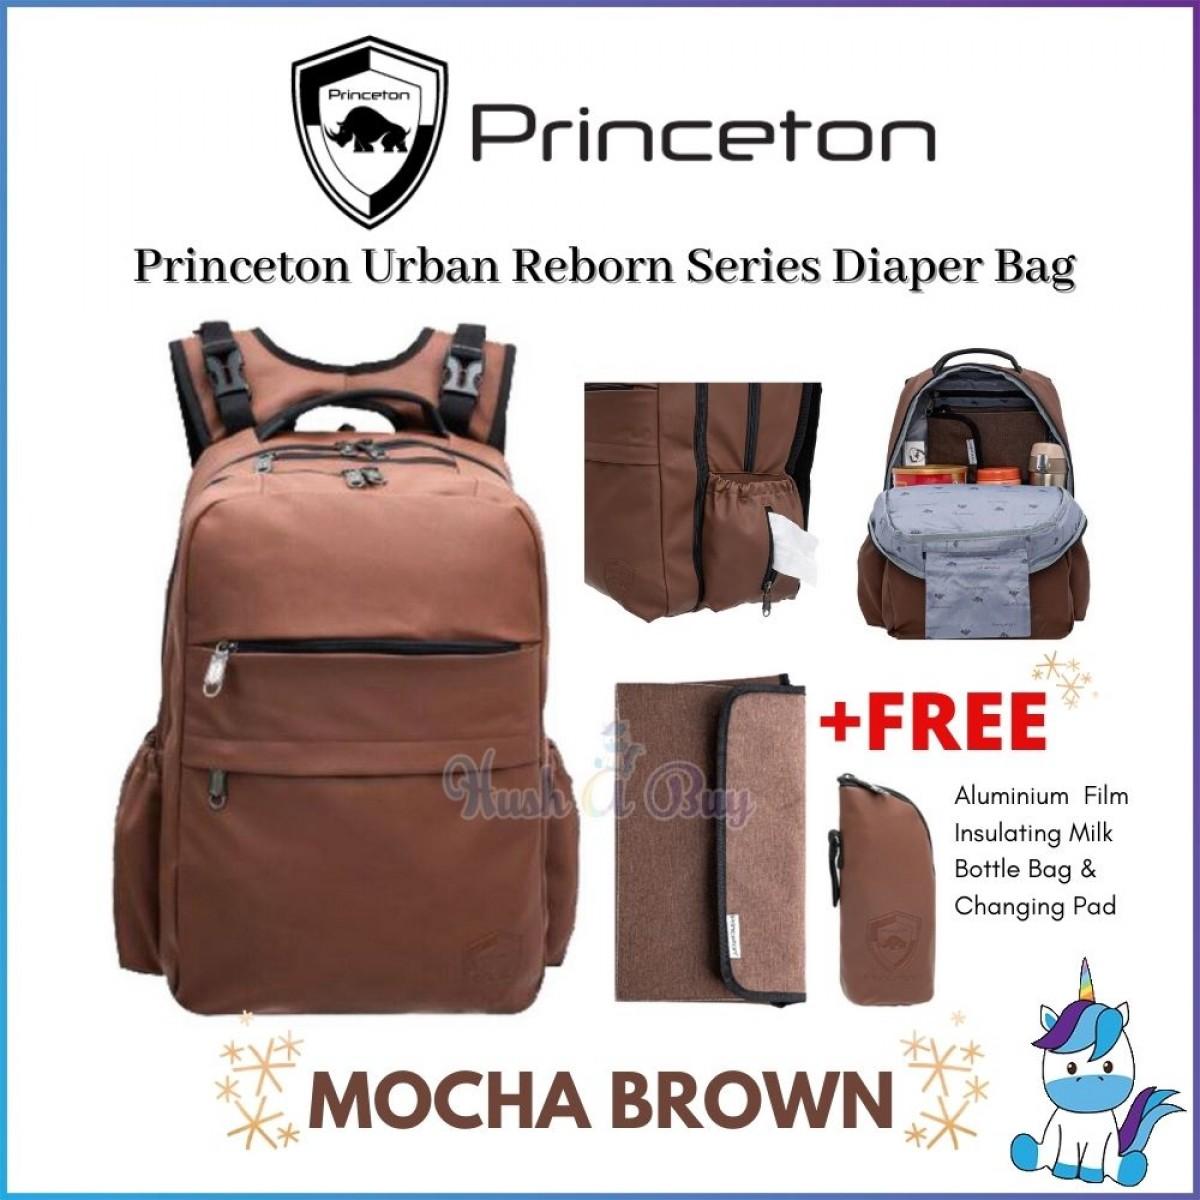 Princeton Urban Reborn Series Baby Diaper Bag - Mocha Brown / Black - Lifetime Warranty